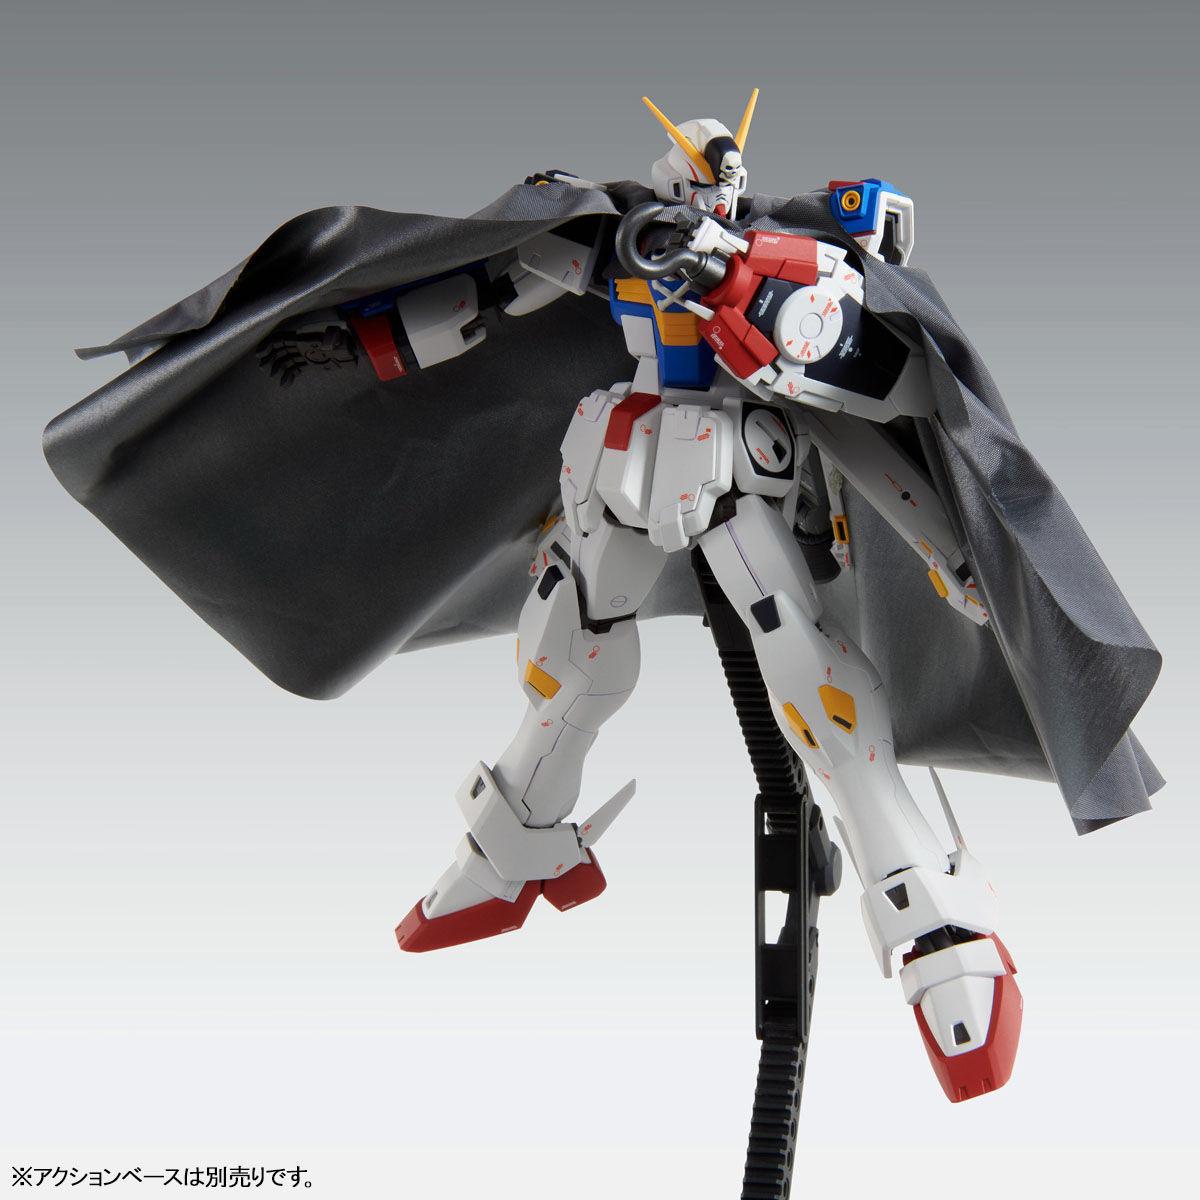 【限定販売】MG 1/100『クロスボーン・ガンダムX1(パッチワーク)Ver.Ka』プラモデル-004